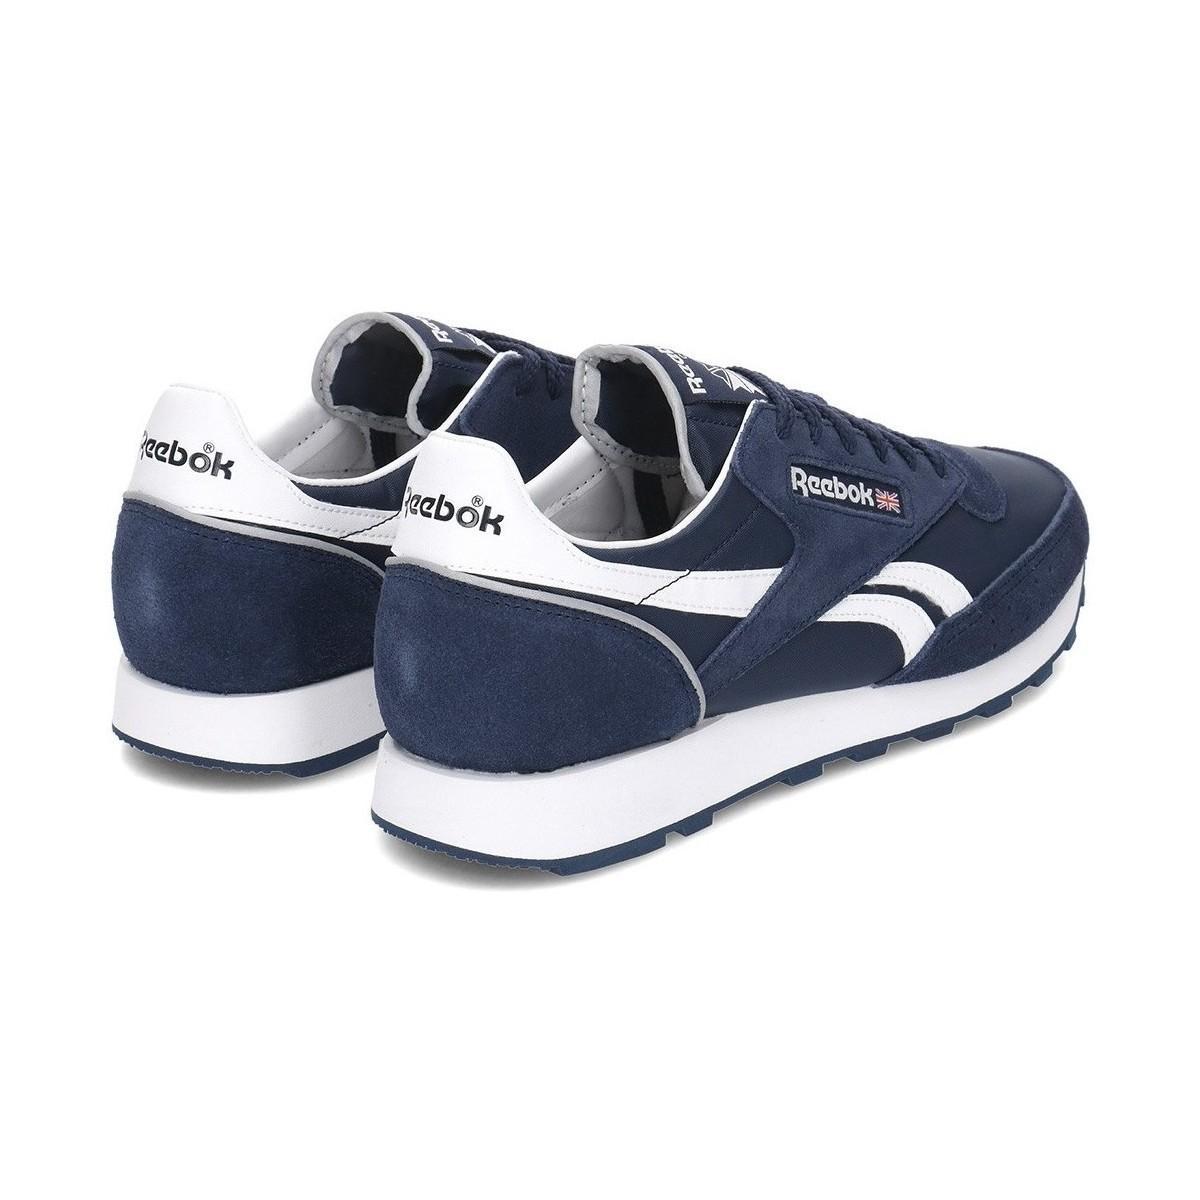 2d7da5c521fb0 Reebok Classic 83 Mu Men s Shoes (trainers) In Multicolour in Blue ...